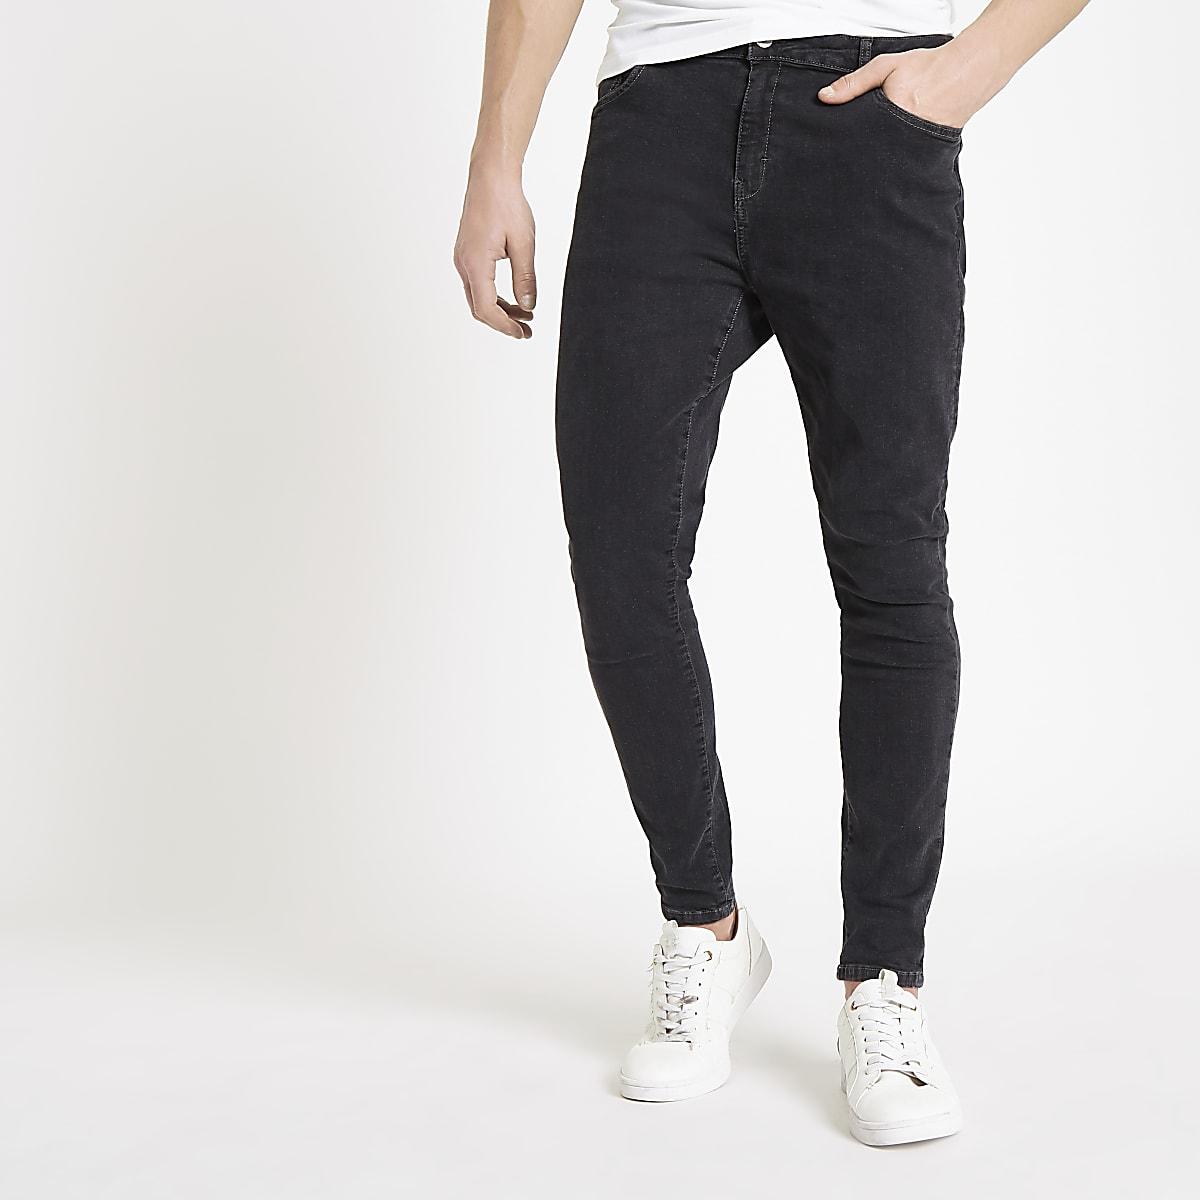 Monkee Genes – Schwarze Super Skinny Jeans